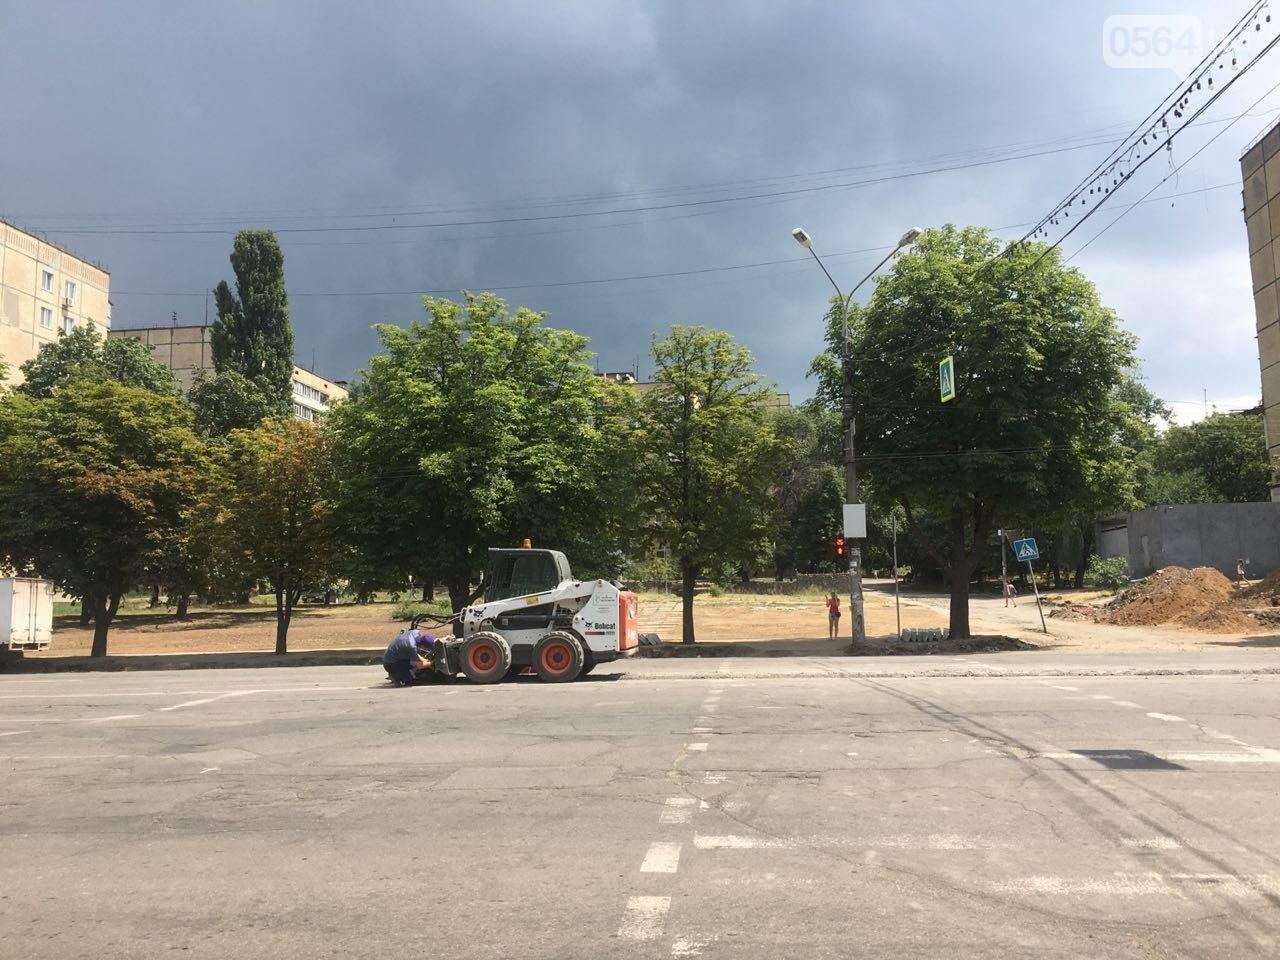 С сегодняшнего дня на центральном проспекте Кривого Рога отменены 3 остановки и запрещена парковка, - ФОТО, фото-4